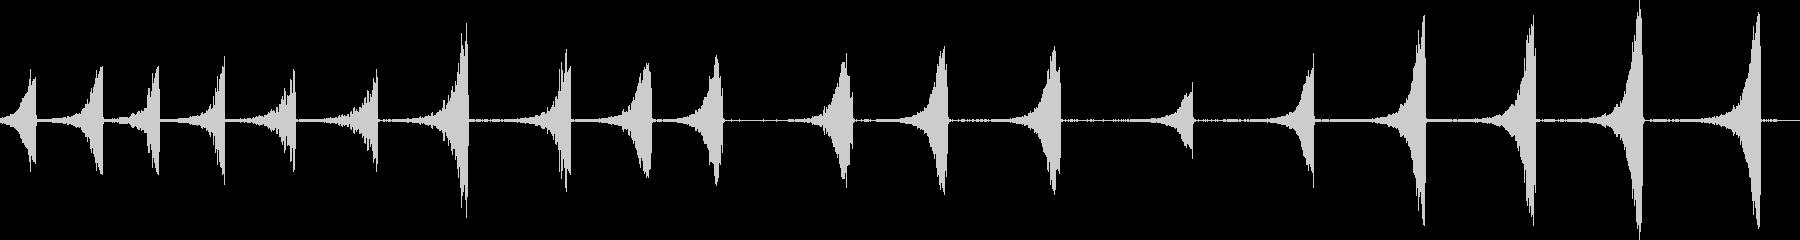 後進の未再生の波形